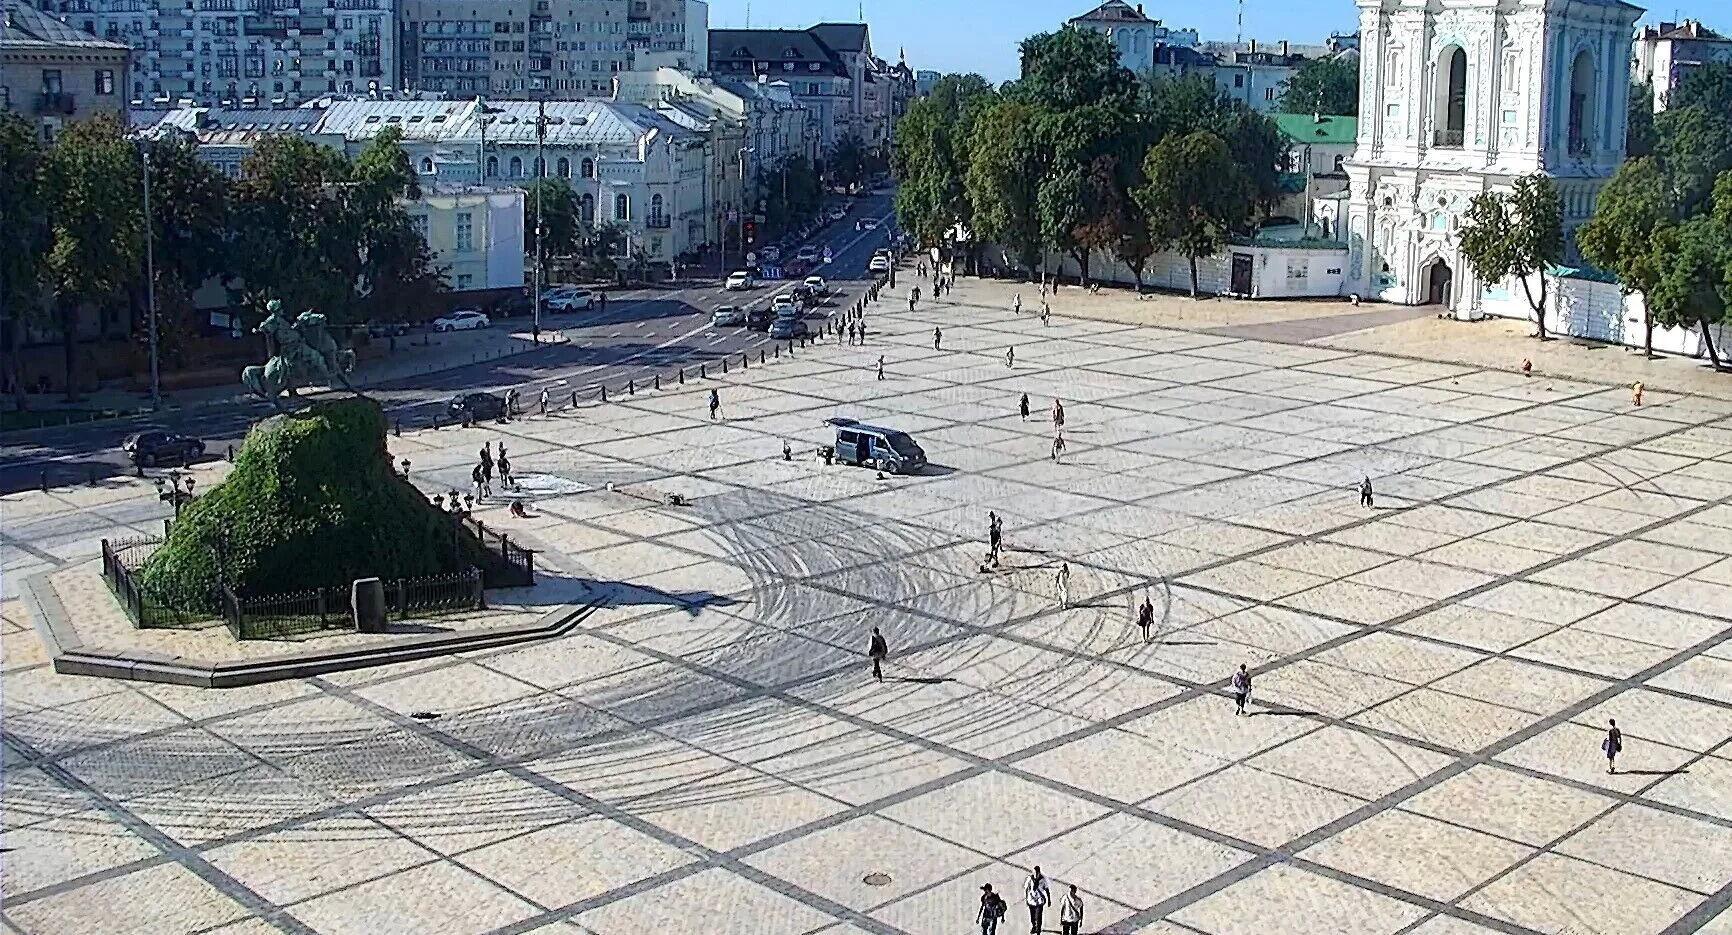 Так площадь выглядела на следующий день после дрифта, 11 августа.